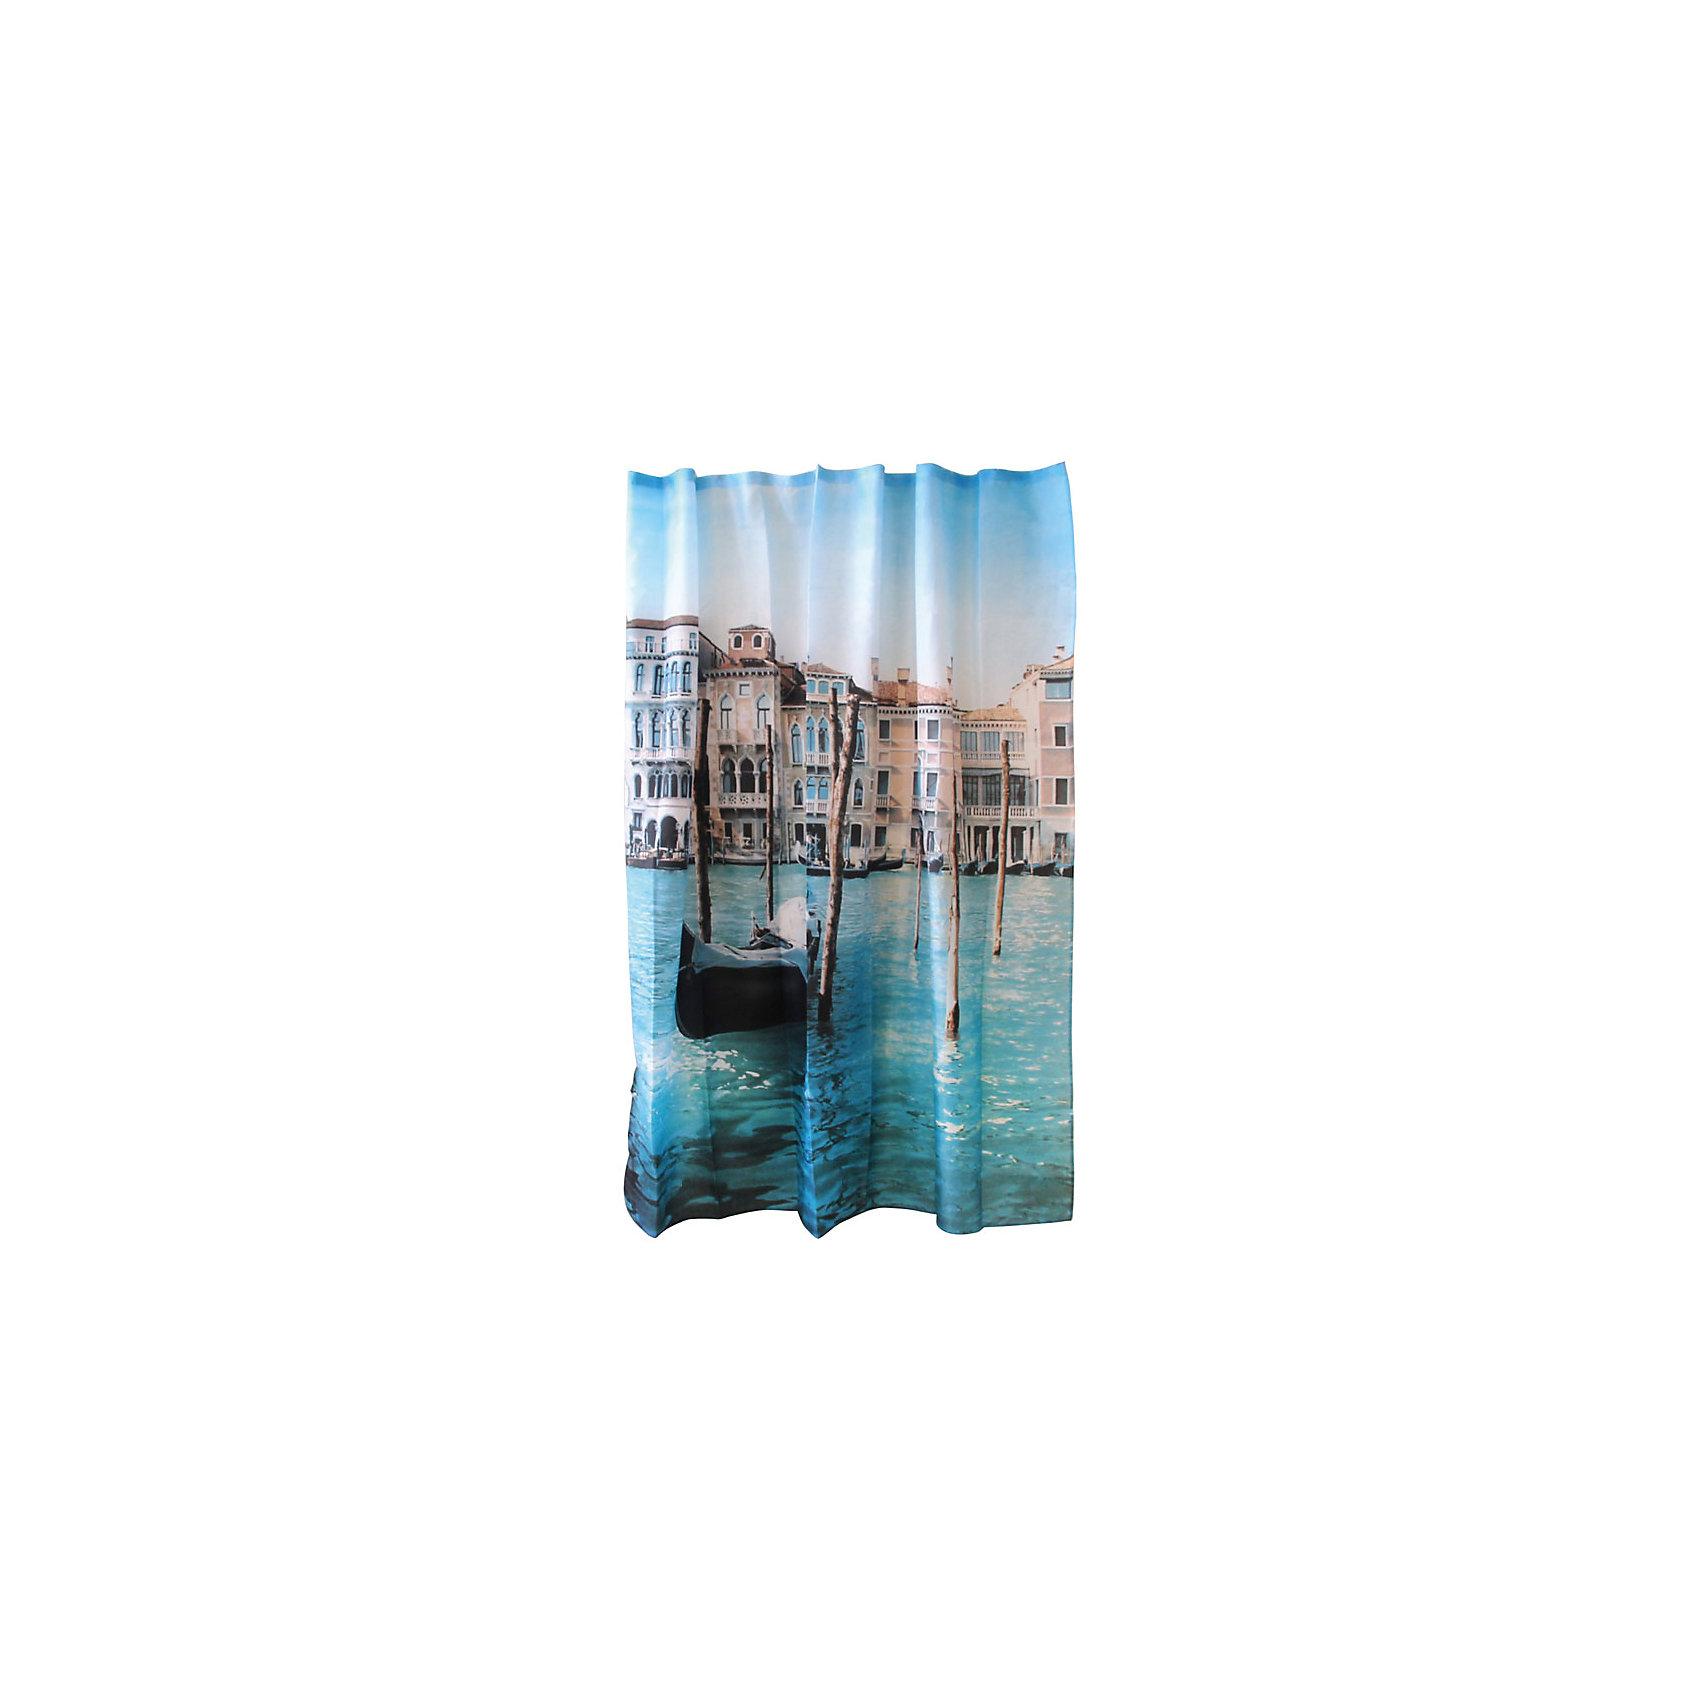 Занавеска для ванной Curtain-Venice Венеция, 180*180см, Рыжий КотЗанавеска для ванной не только ободрит владельца, но и защитит пол в ванной от разбрызгивания водных брызг. Занавеска с печатным рисунком итальянского города подвешивается на пластиковые кольца, которые входят в комплект набора «Рыжий кот» в количестве 12 штук. <br><br>Дополнительная информация:<br><br>Размер: 180х180 см<br>Материал: 100% полиэстер с водоотталкивающим покрытием<br>Упаковка: ПВХ пакет с крючком<br><br>Занавеску для ванной Curtain-Venice Венеция, 180*180см, Рыжий Кот можно купить в нашем интернет-магазине.<br><br>Ширина мм: 1800<br>Глубина мм: 1765<br>Высота мм: 50<br>Вес г: 399<br>Возраст от месяцев: 36<br>Возраст до месяцев: 1080<br>Пол: Унисекс<br>Возраст: Детский<br>SKU: 4989826